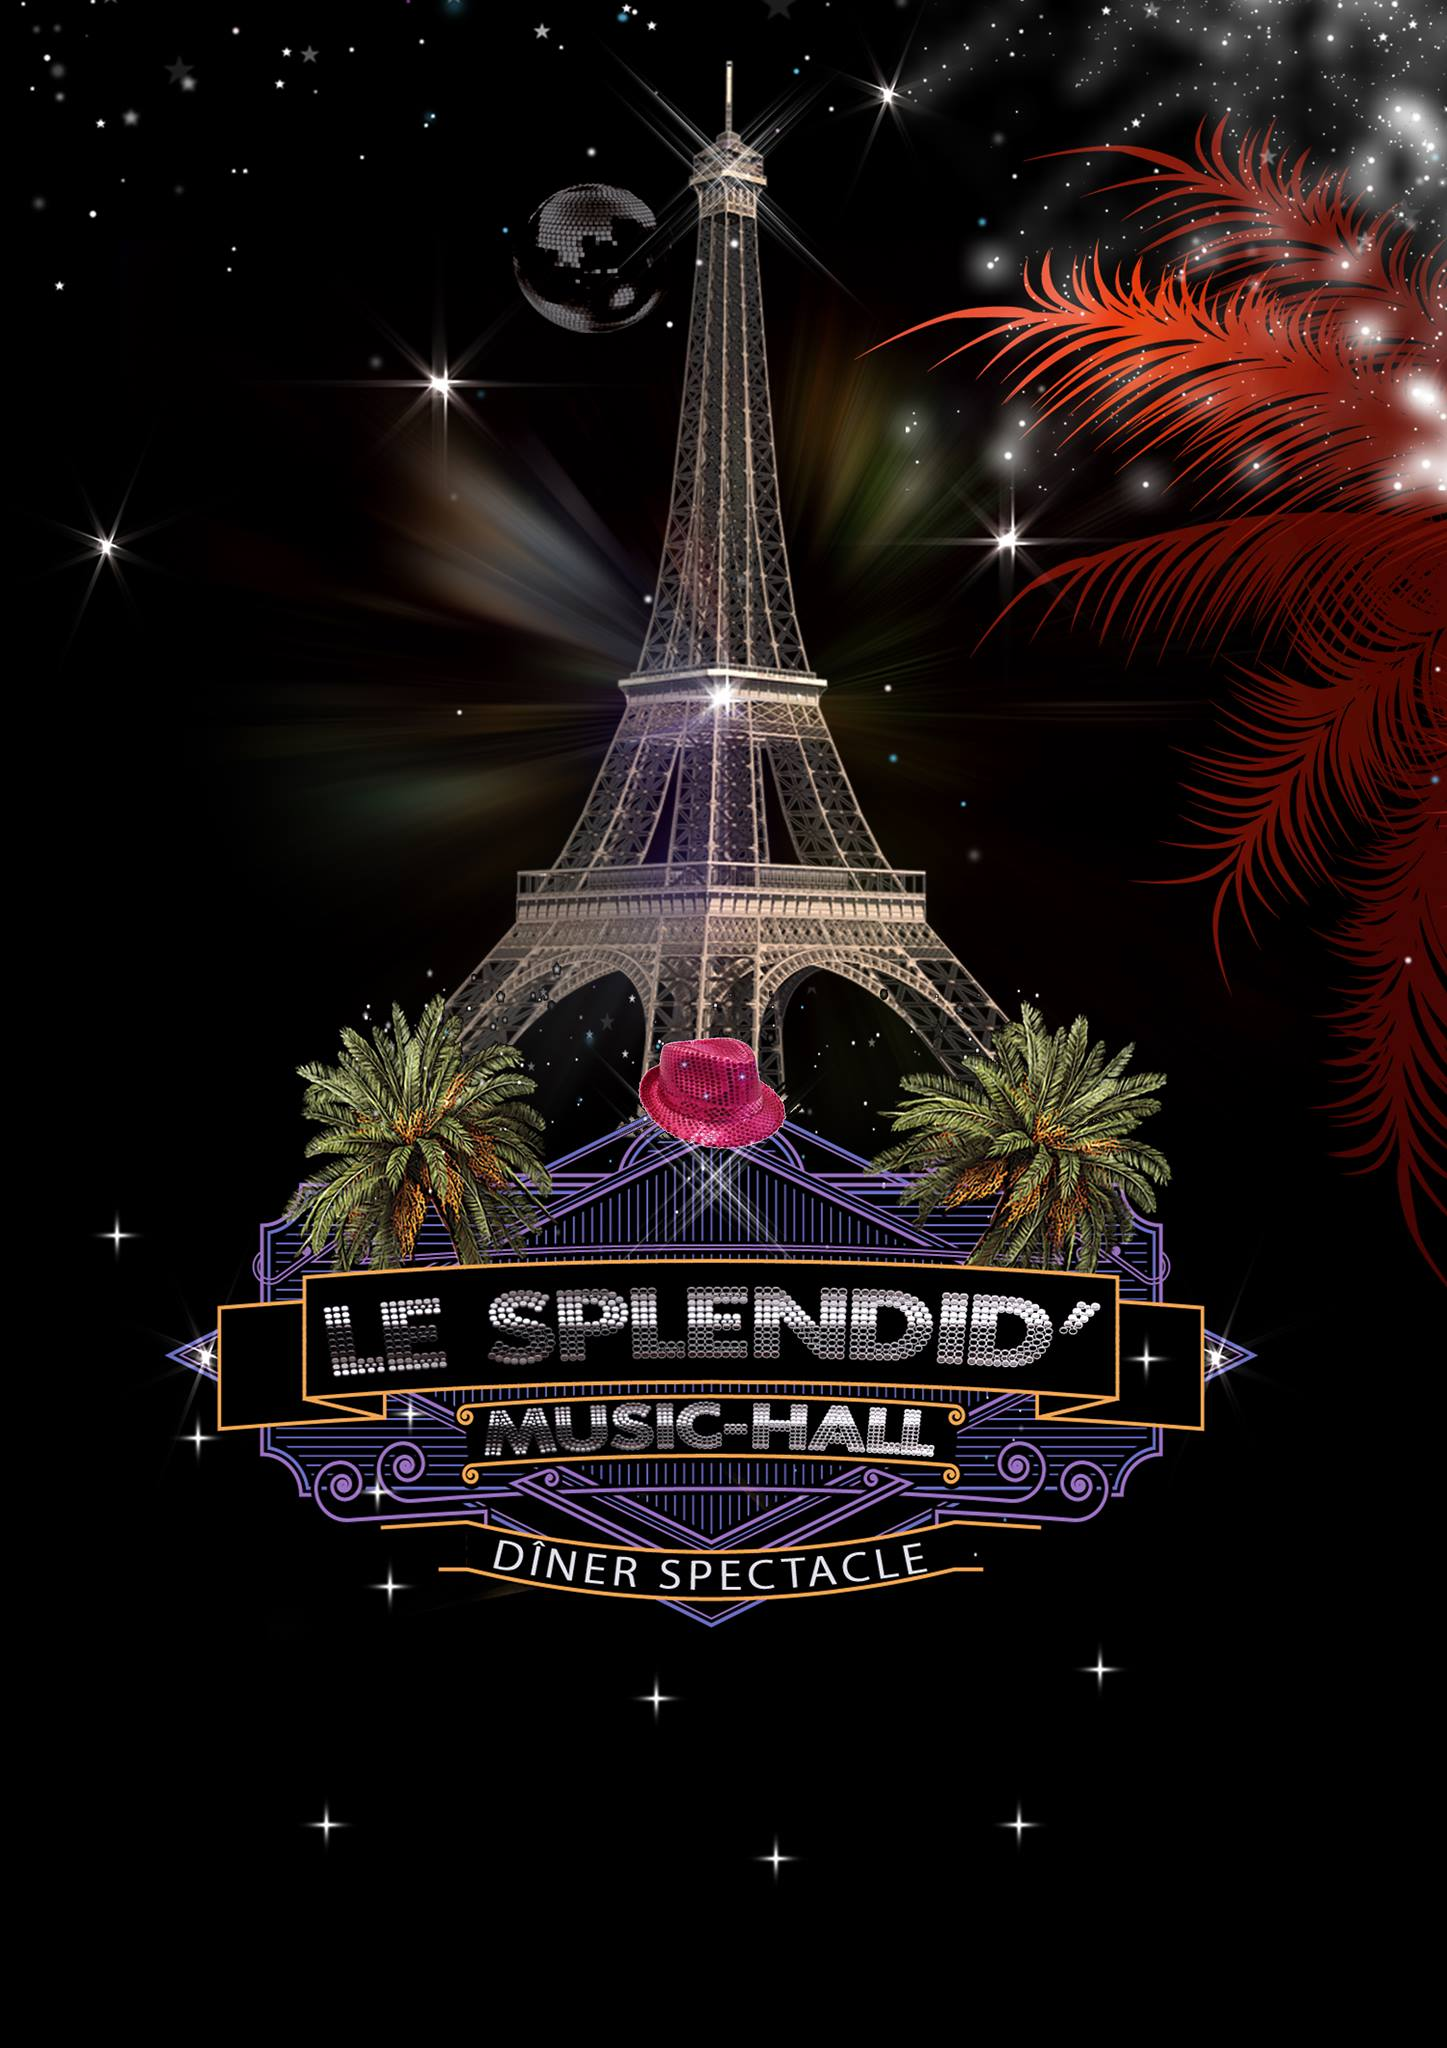 Music Hall Le Splendid